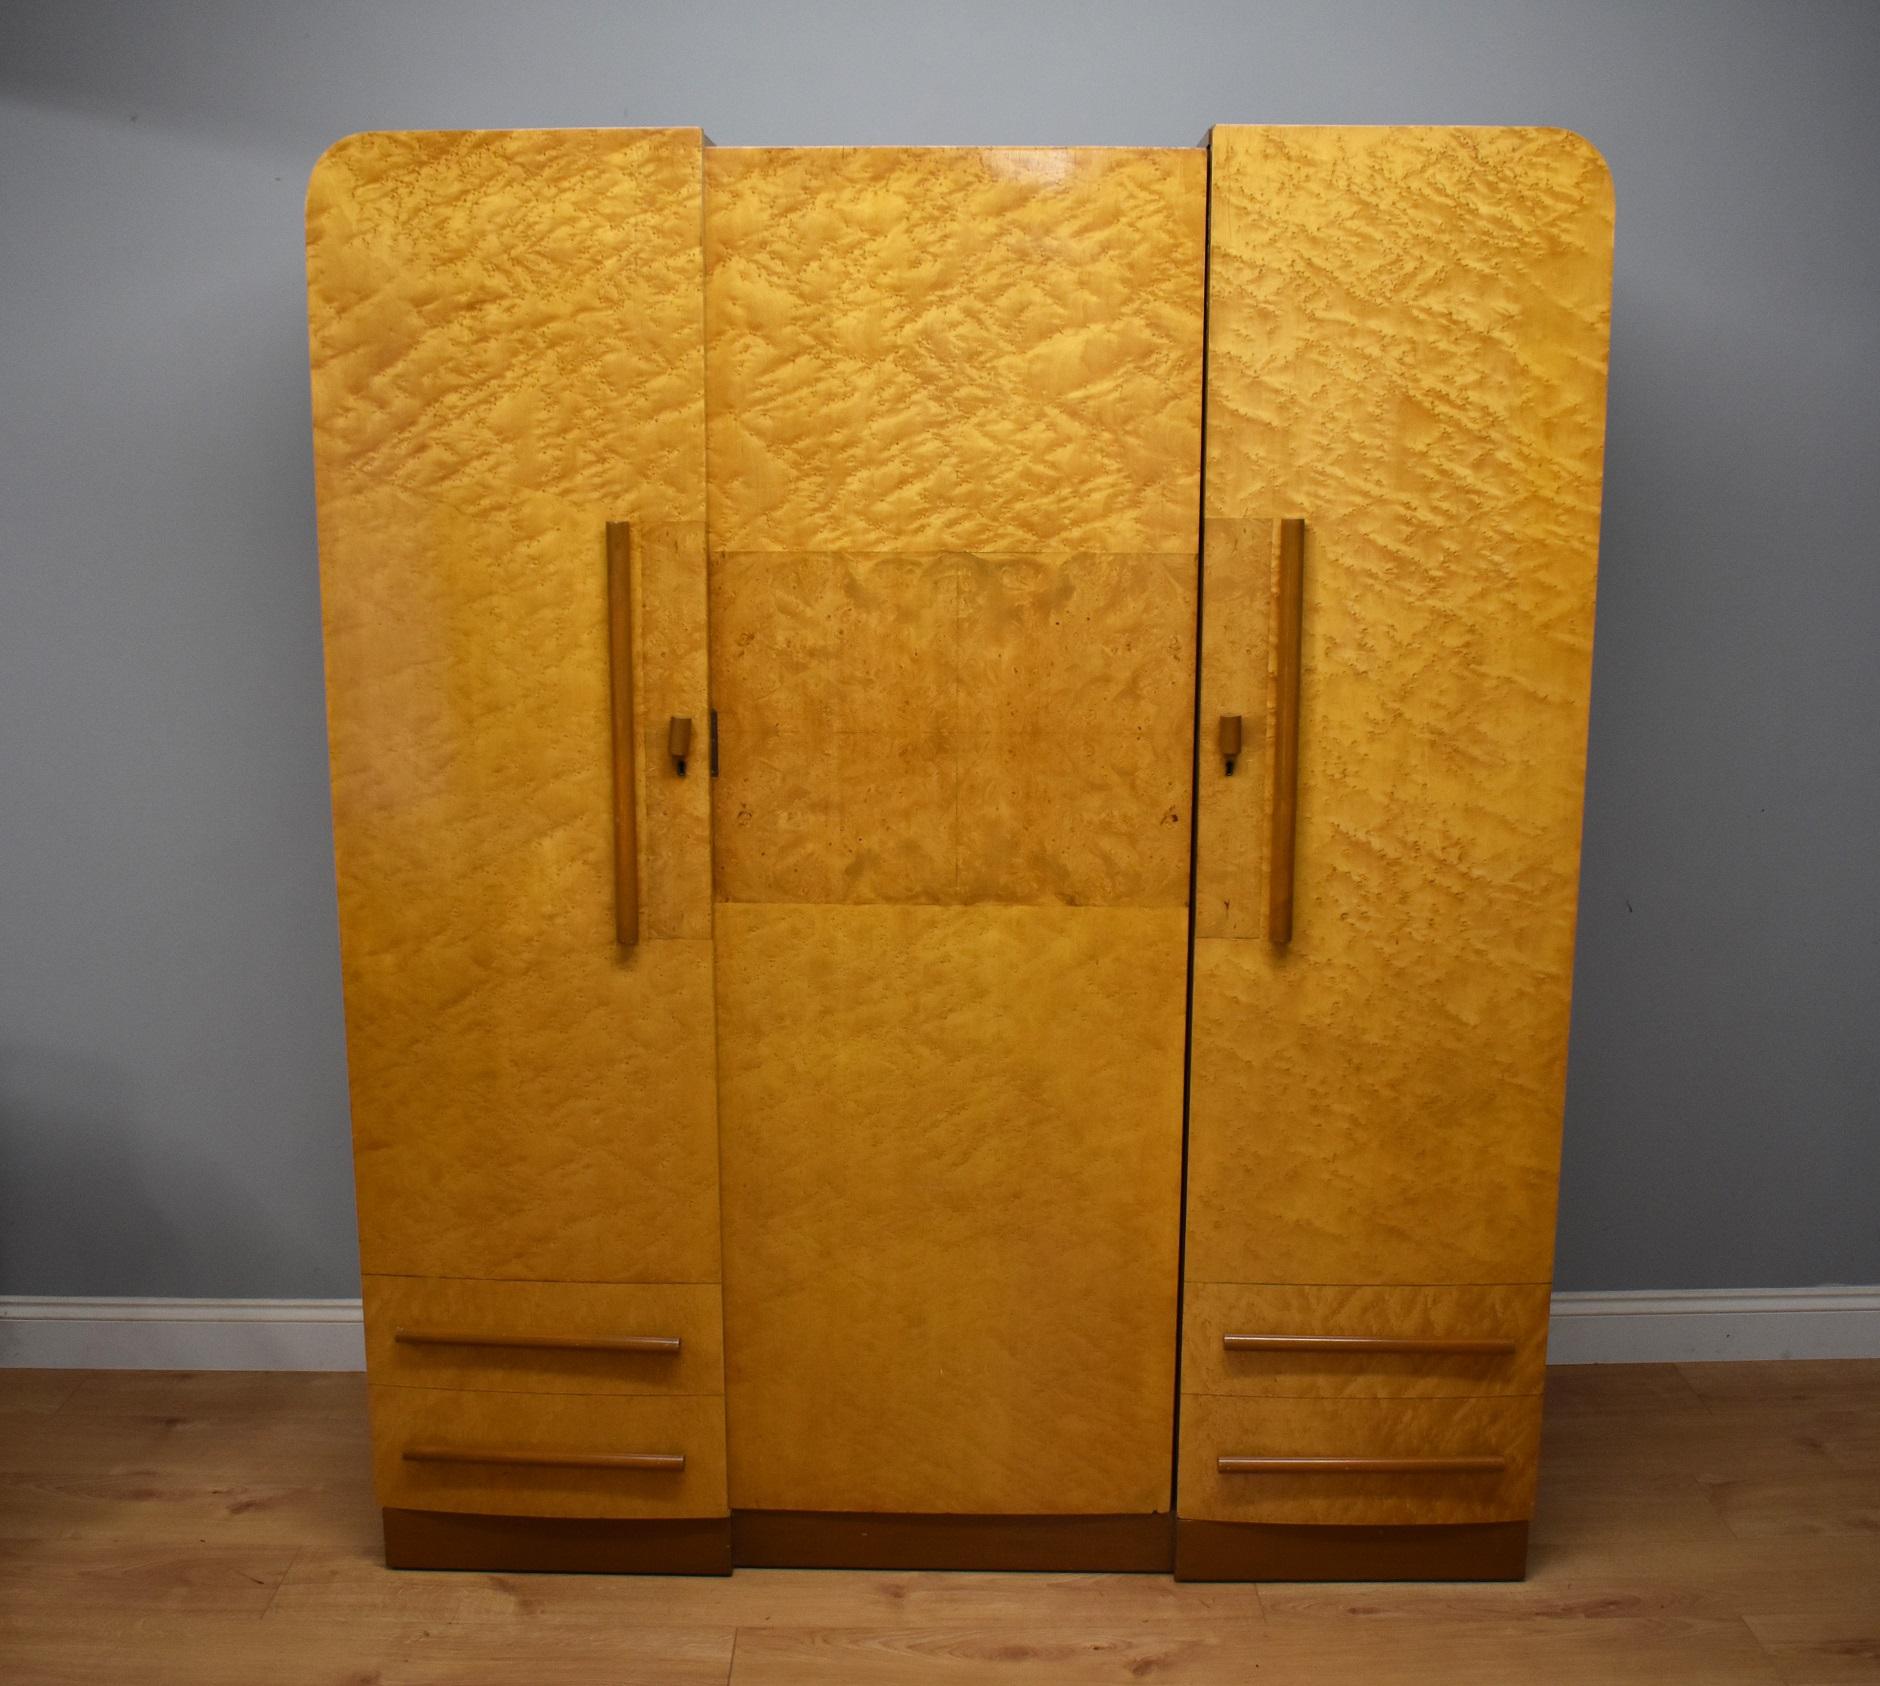 Edwardian (1901-1910) Edwardian Satinwood And Birdseye Maple Wardrobe Antique Furniture